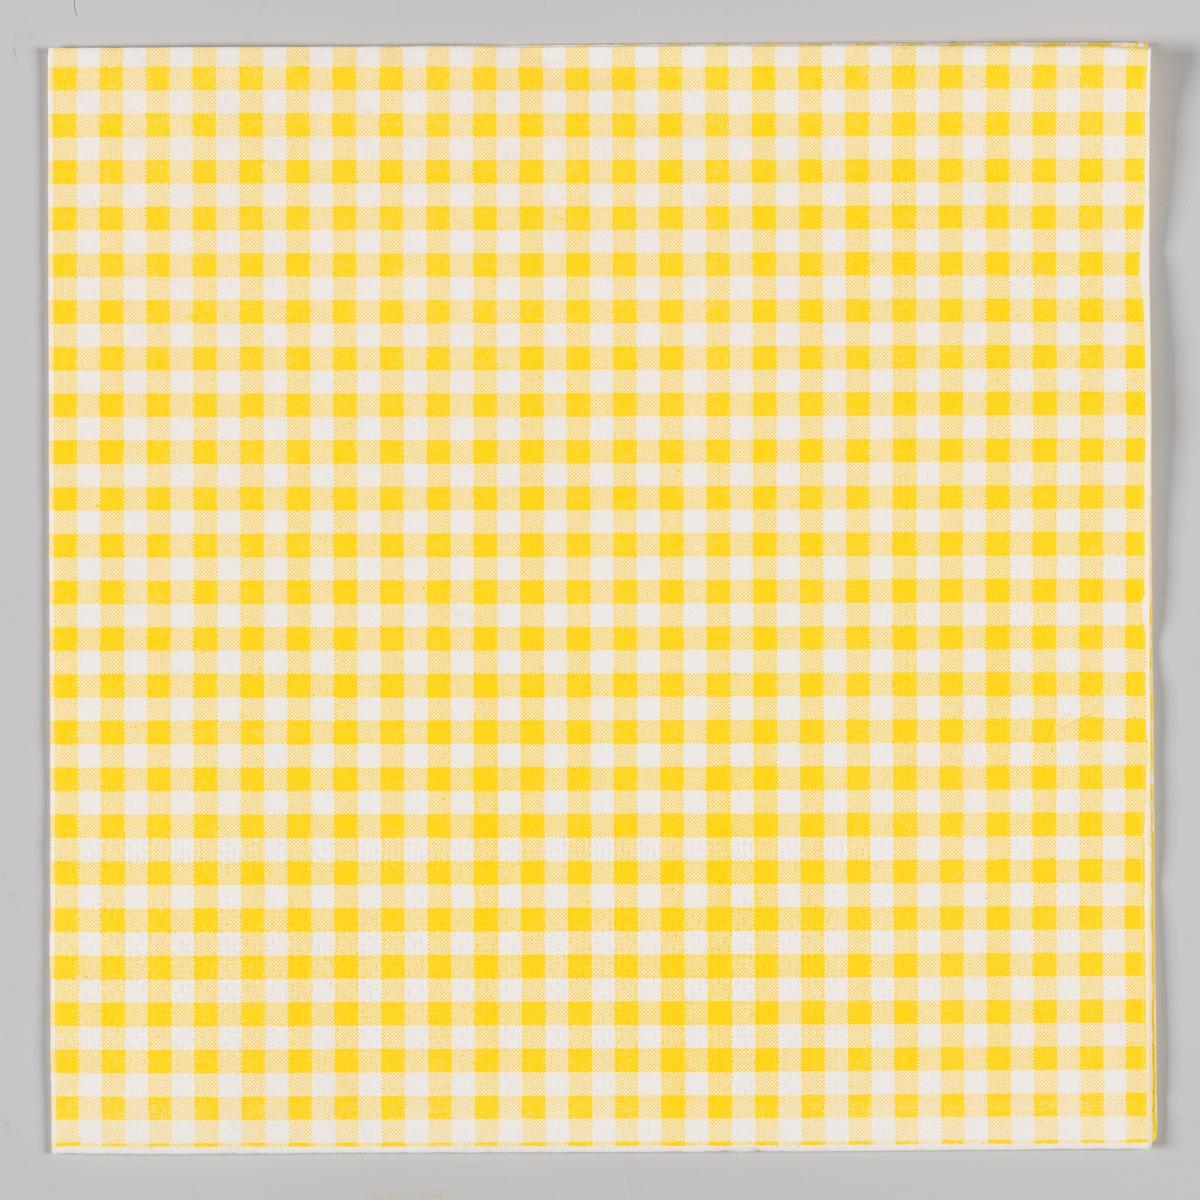 En gul og hvit rutete serviett.